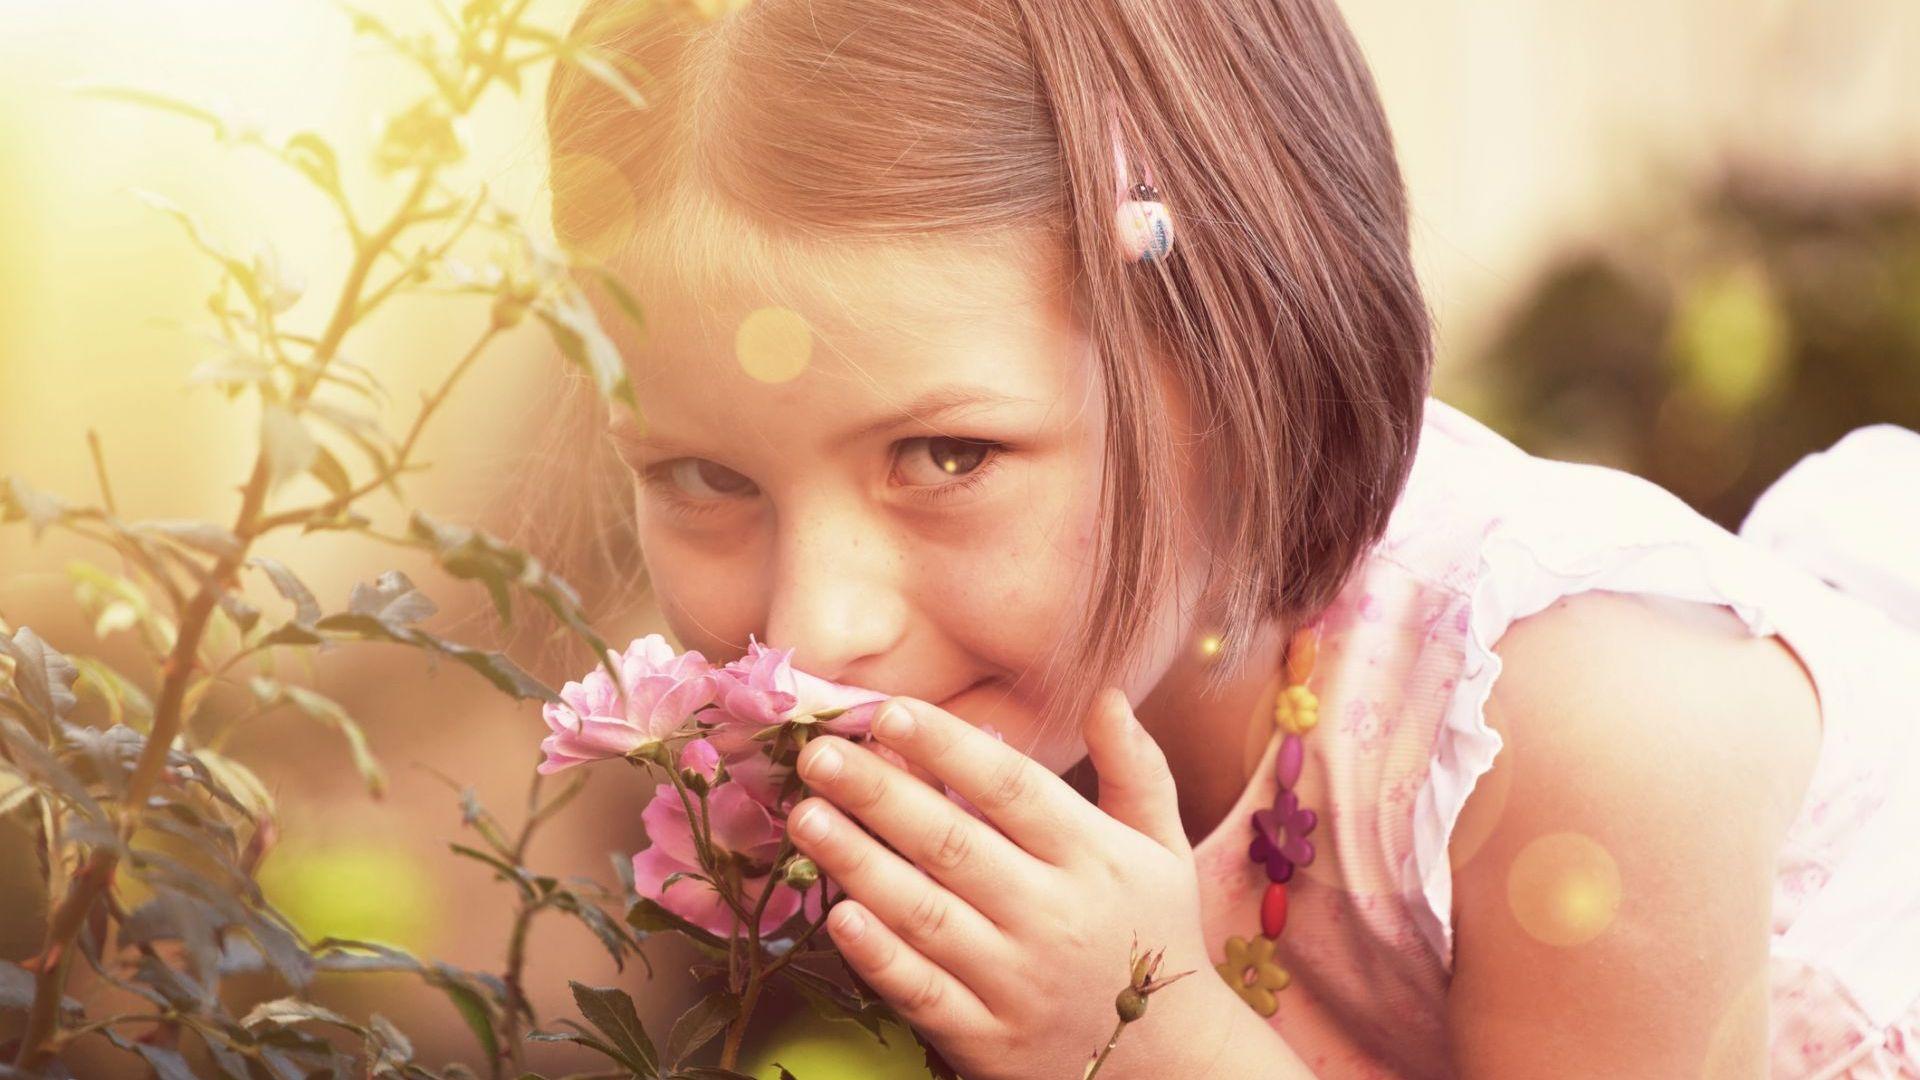 Ароматът на рози по време на сън помага на децата да учат